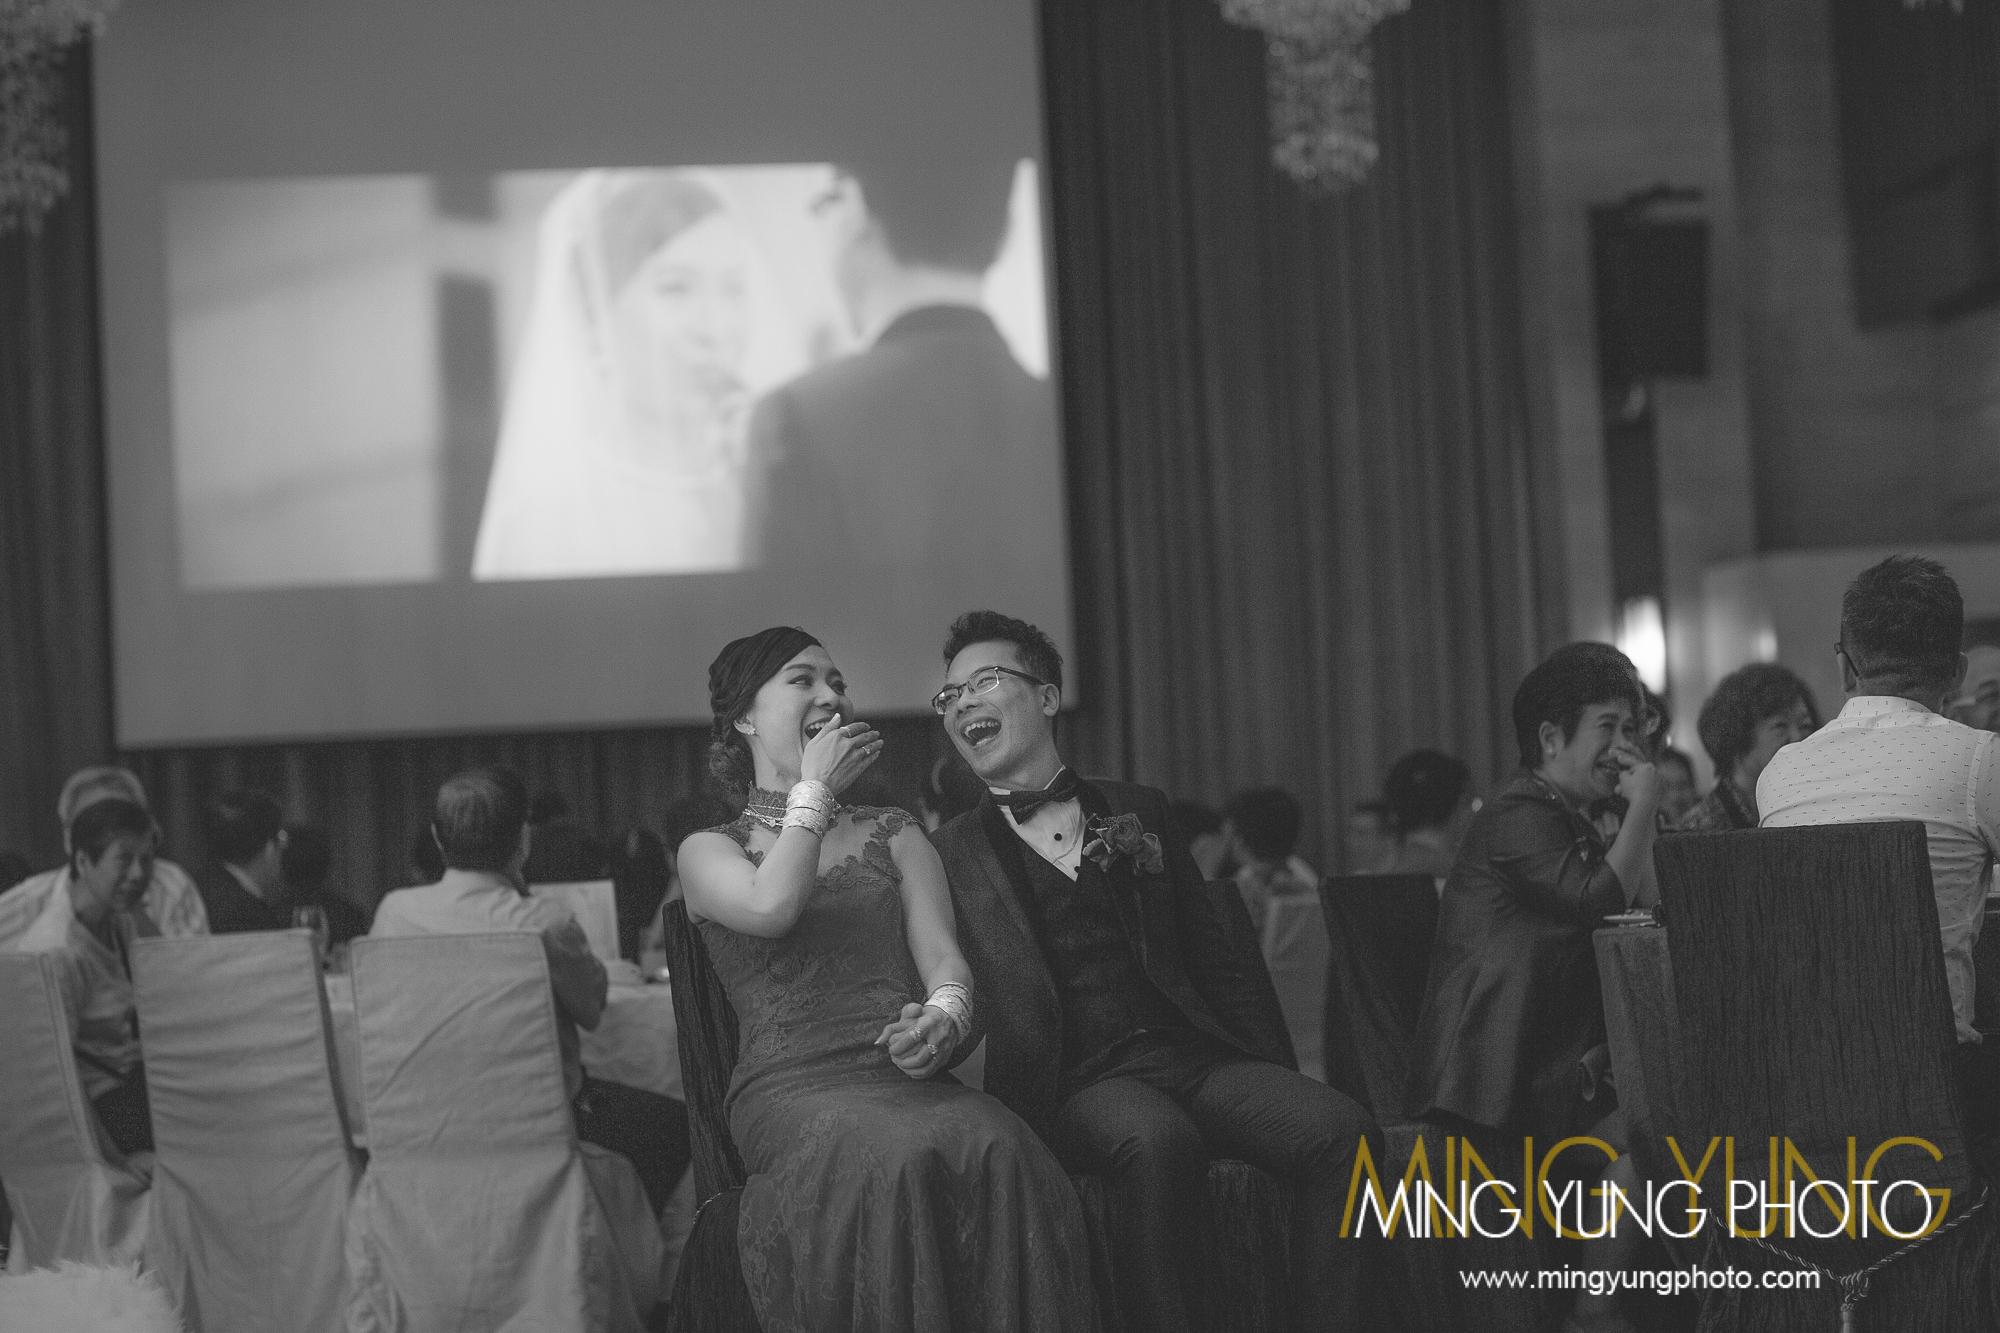 mingyungphoto-201606240041